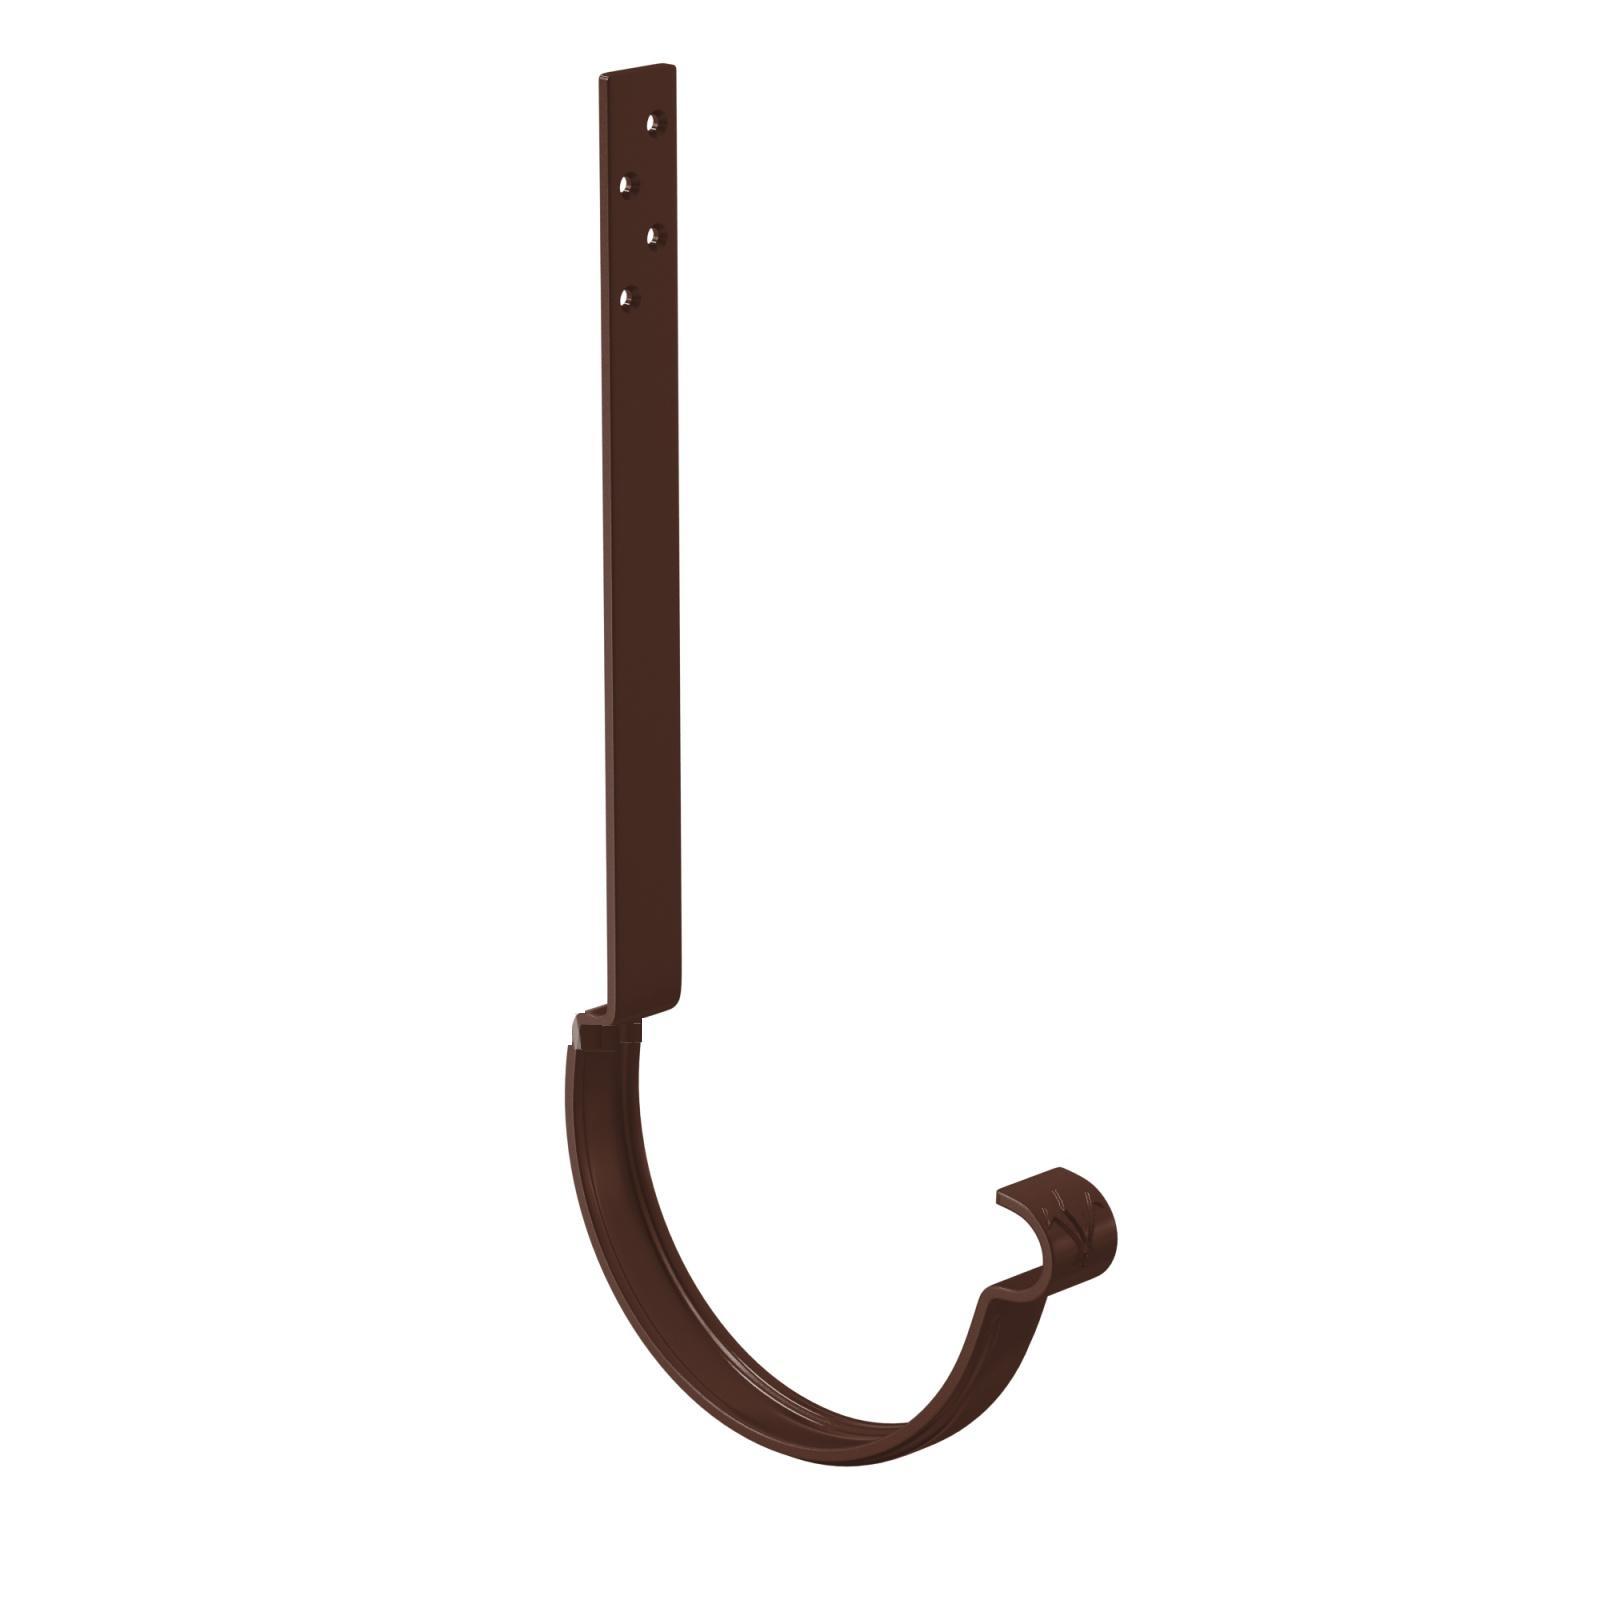 Усиленный крюк удлиненный 150/100 Aquasystem RAL 8017